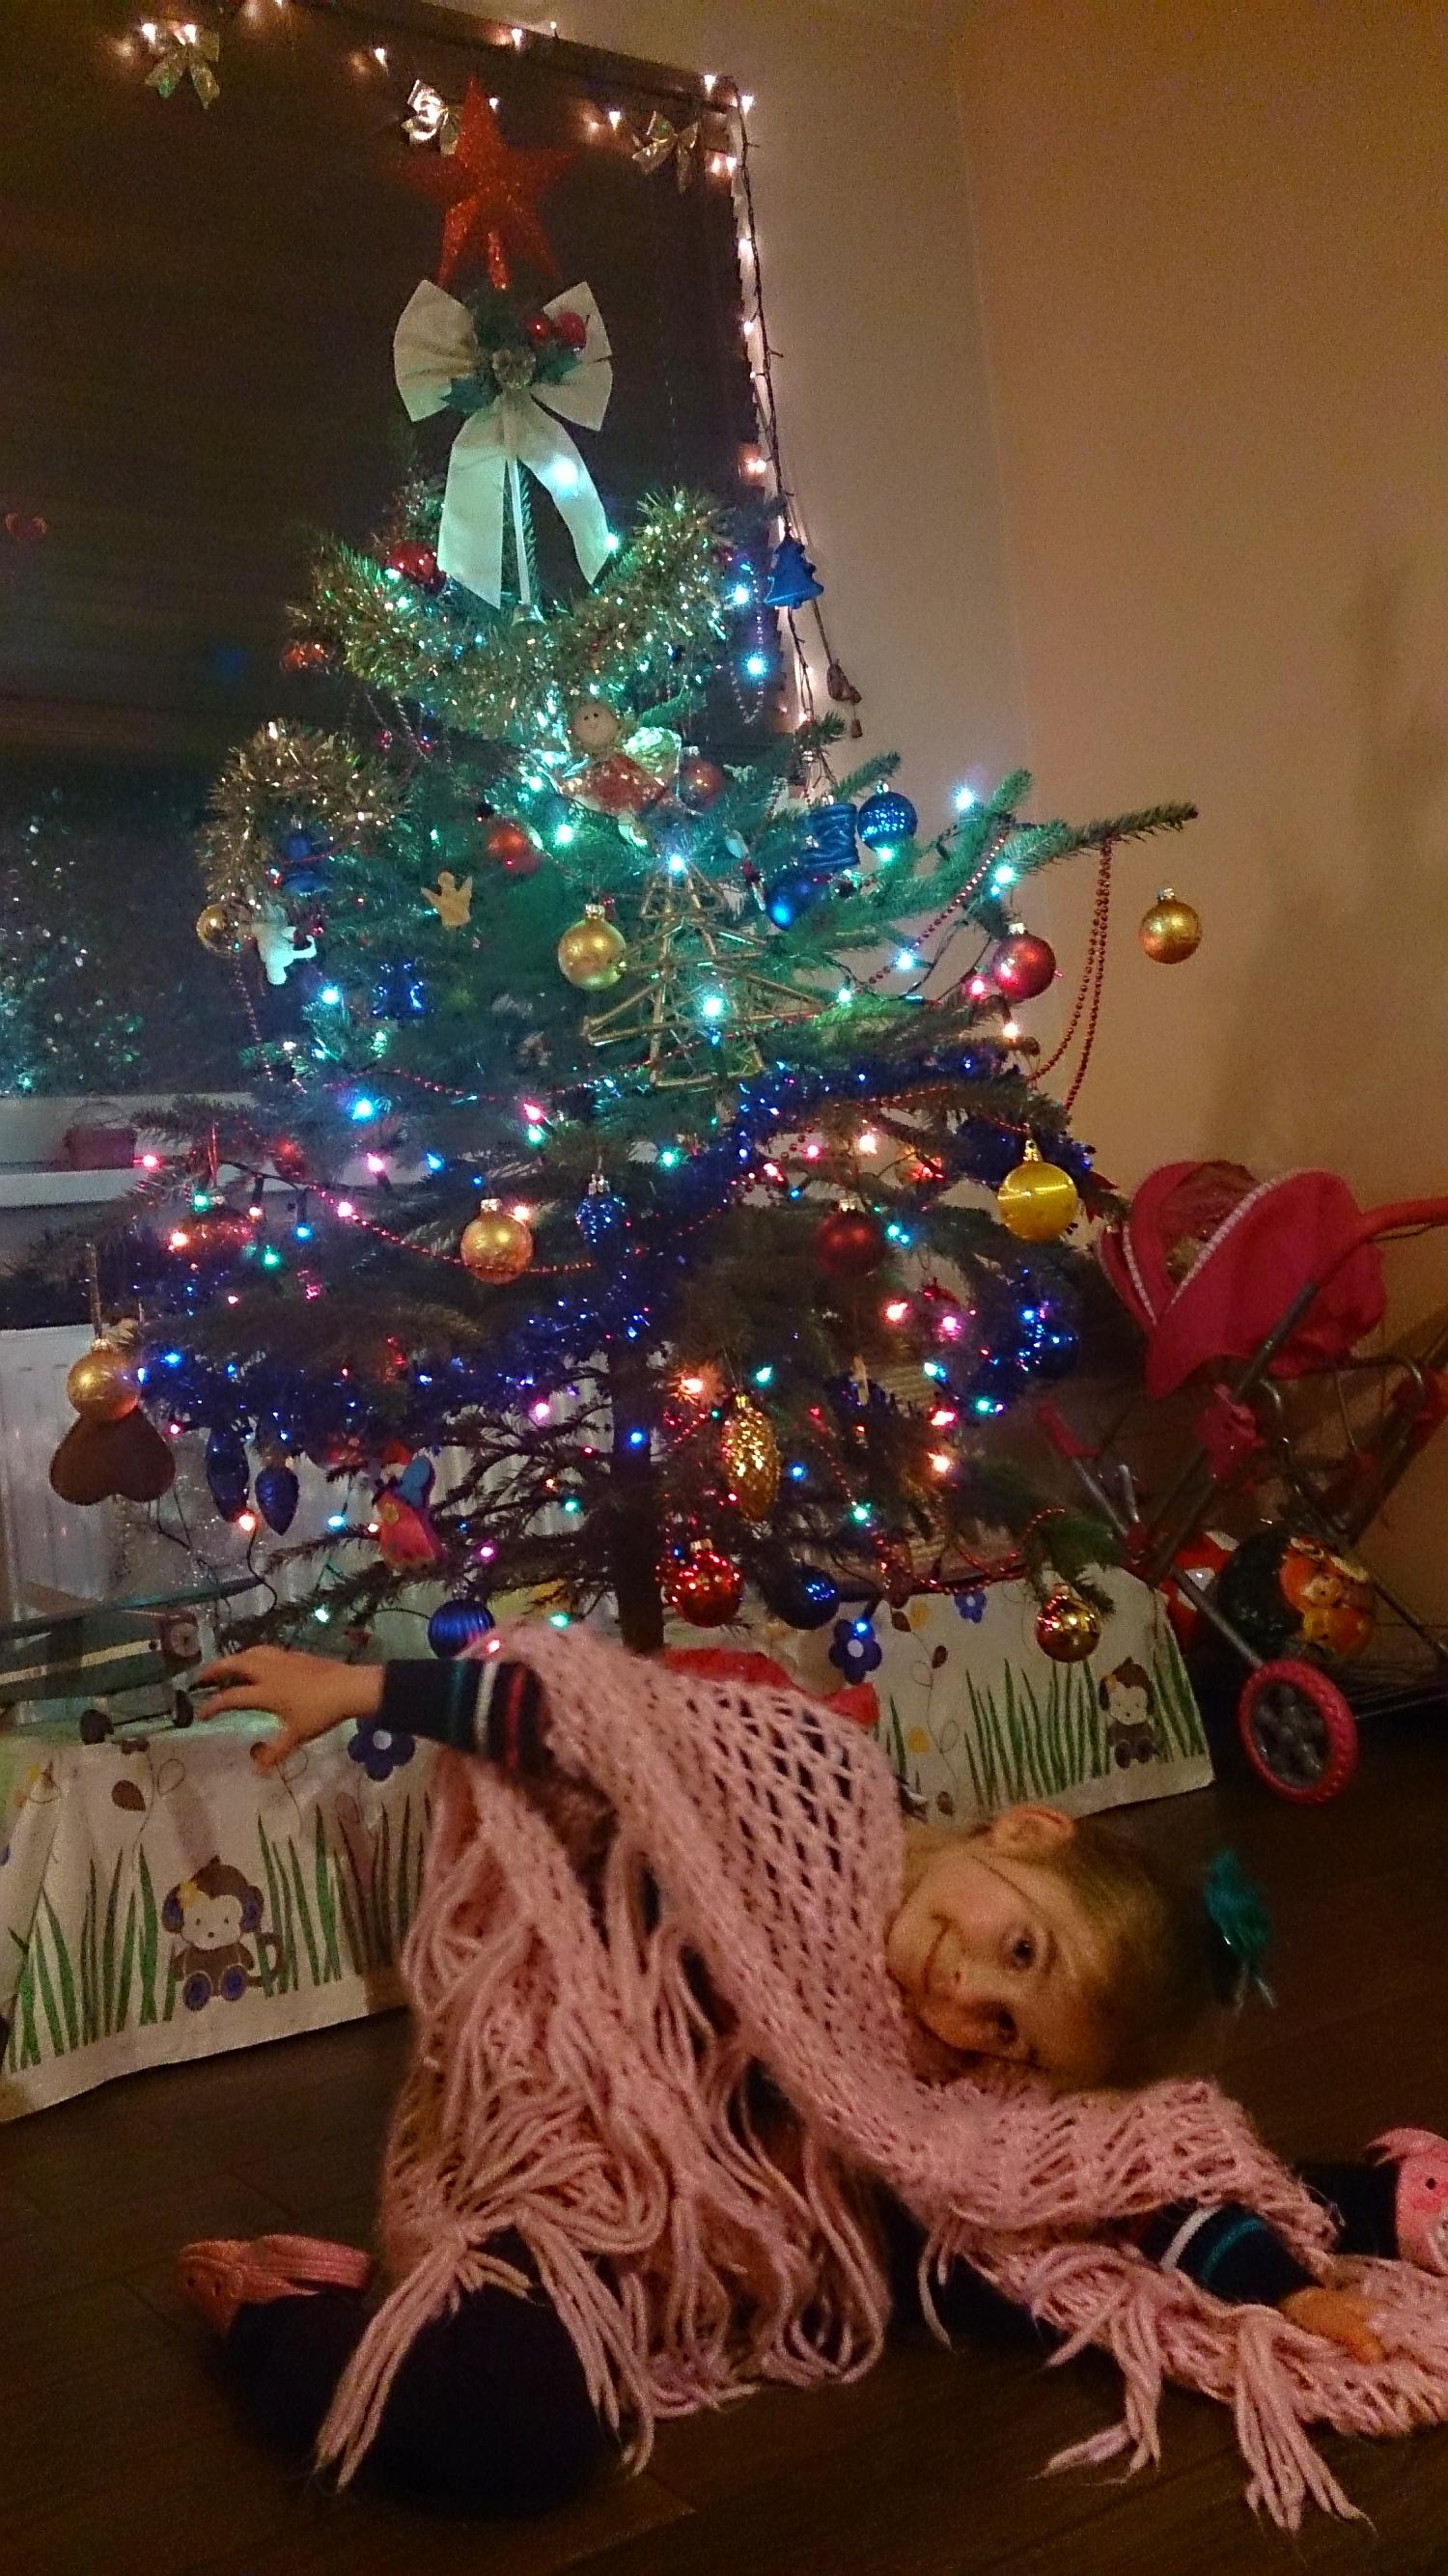 Świąteczne przygotowania - sama ustroiłam choinkę